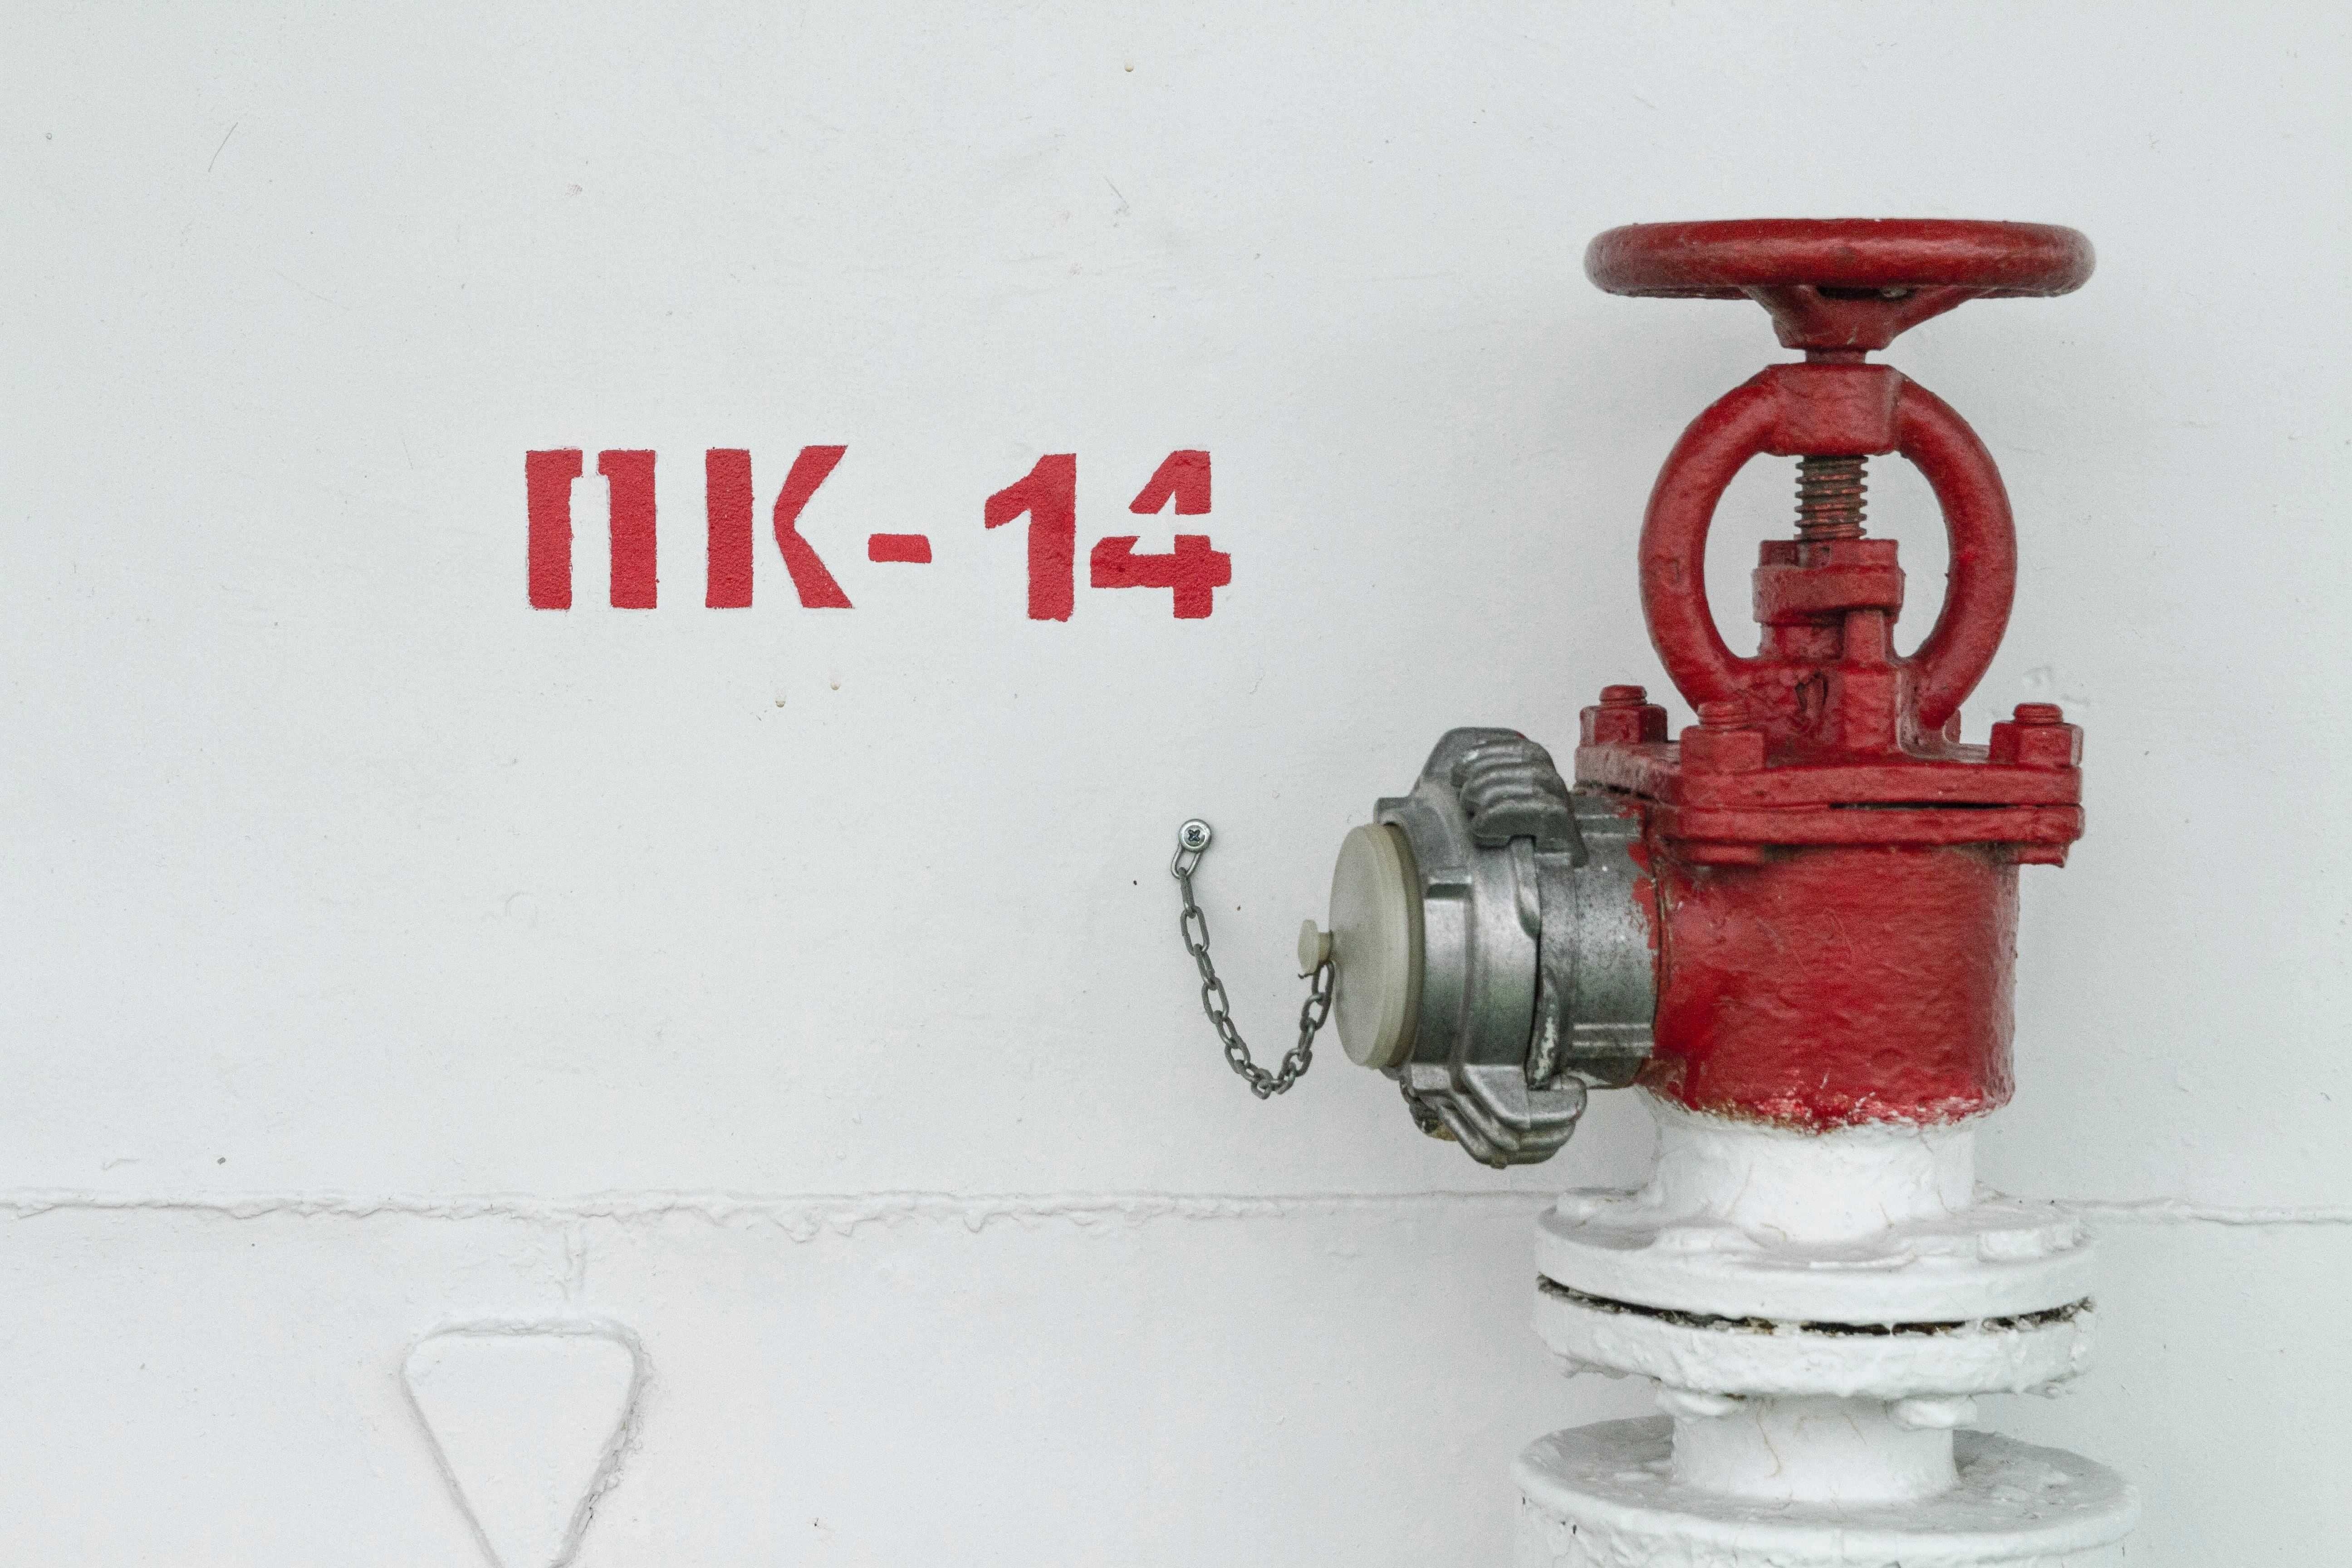 aleksey-shkitenkov-YWRDfkedXvo-unsplash.